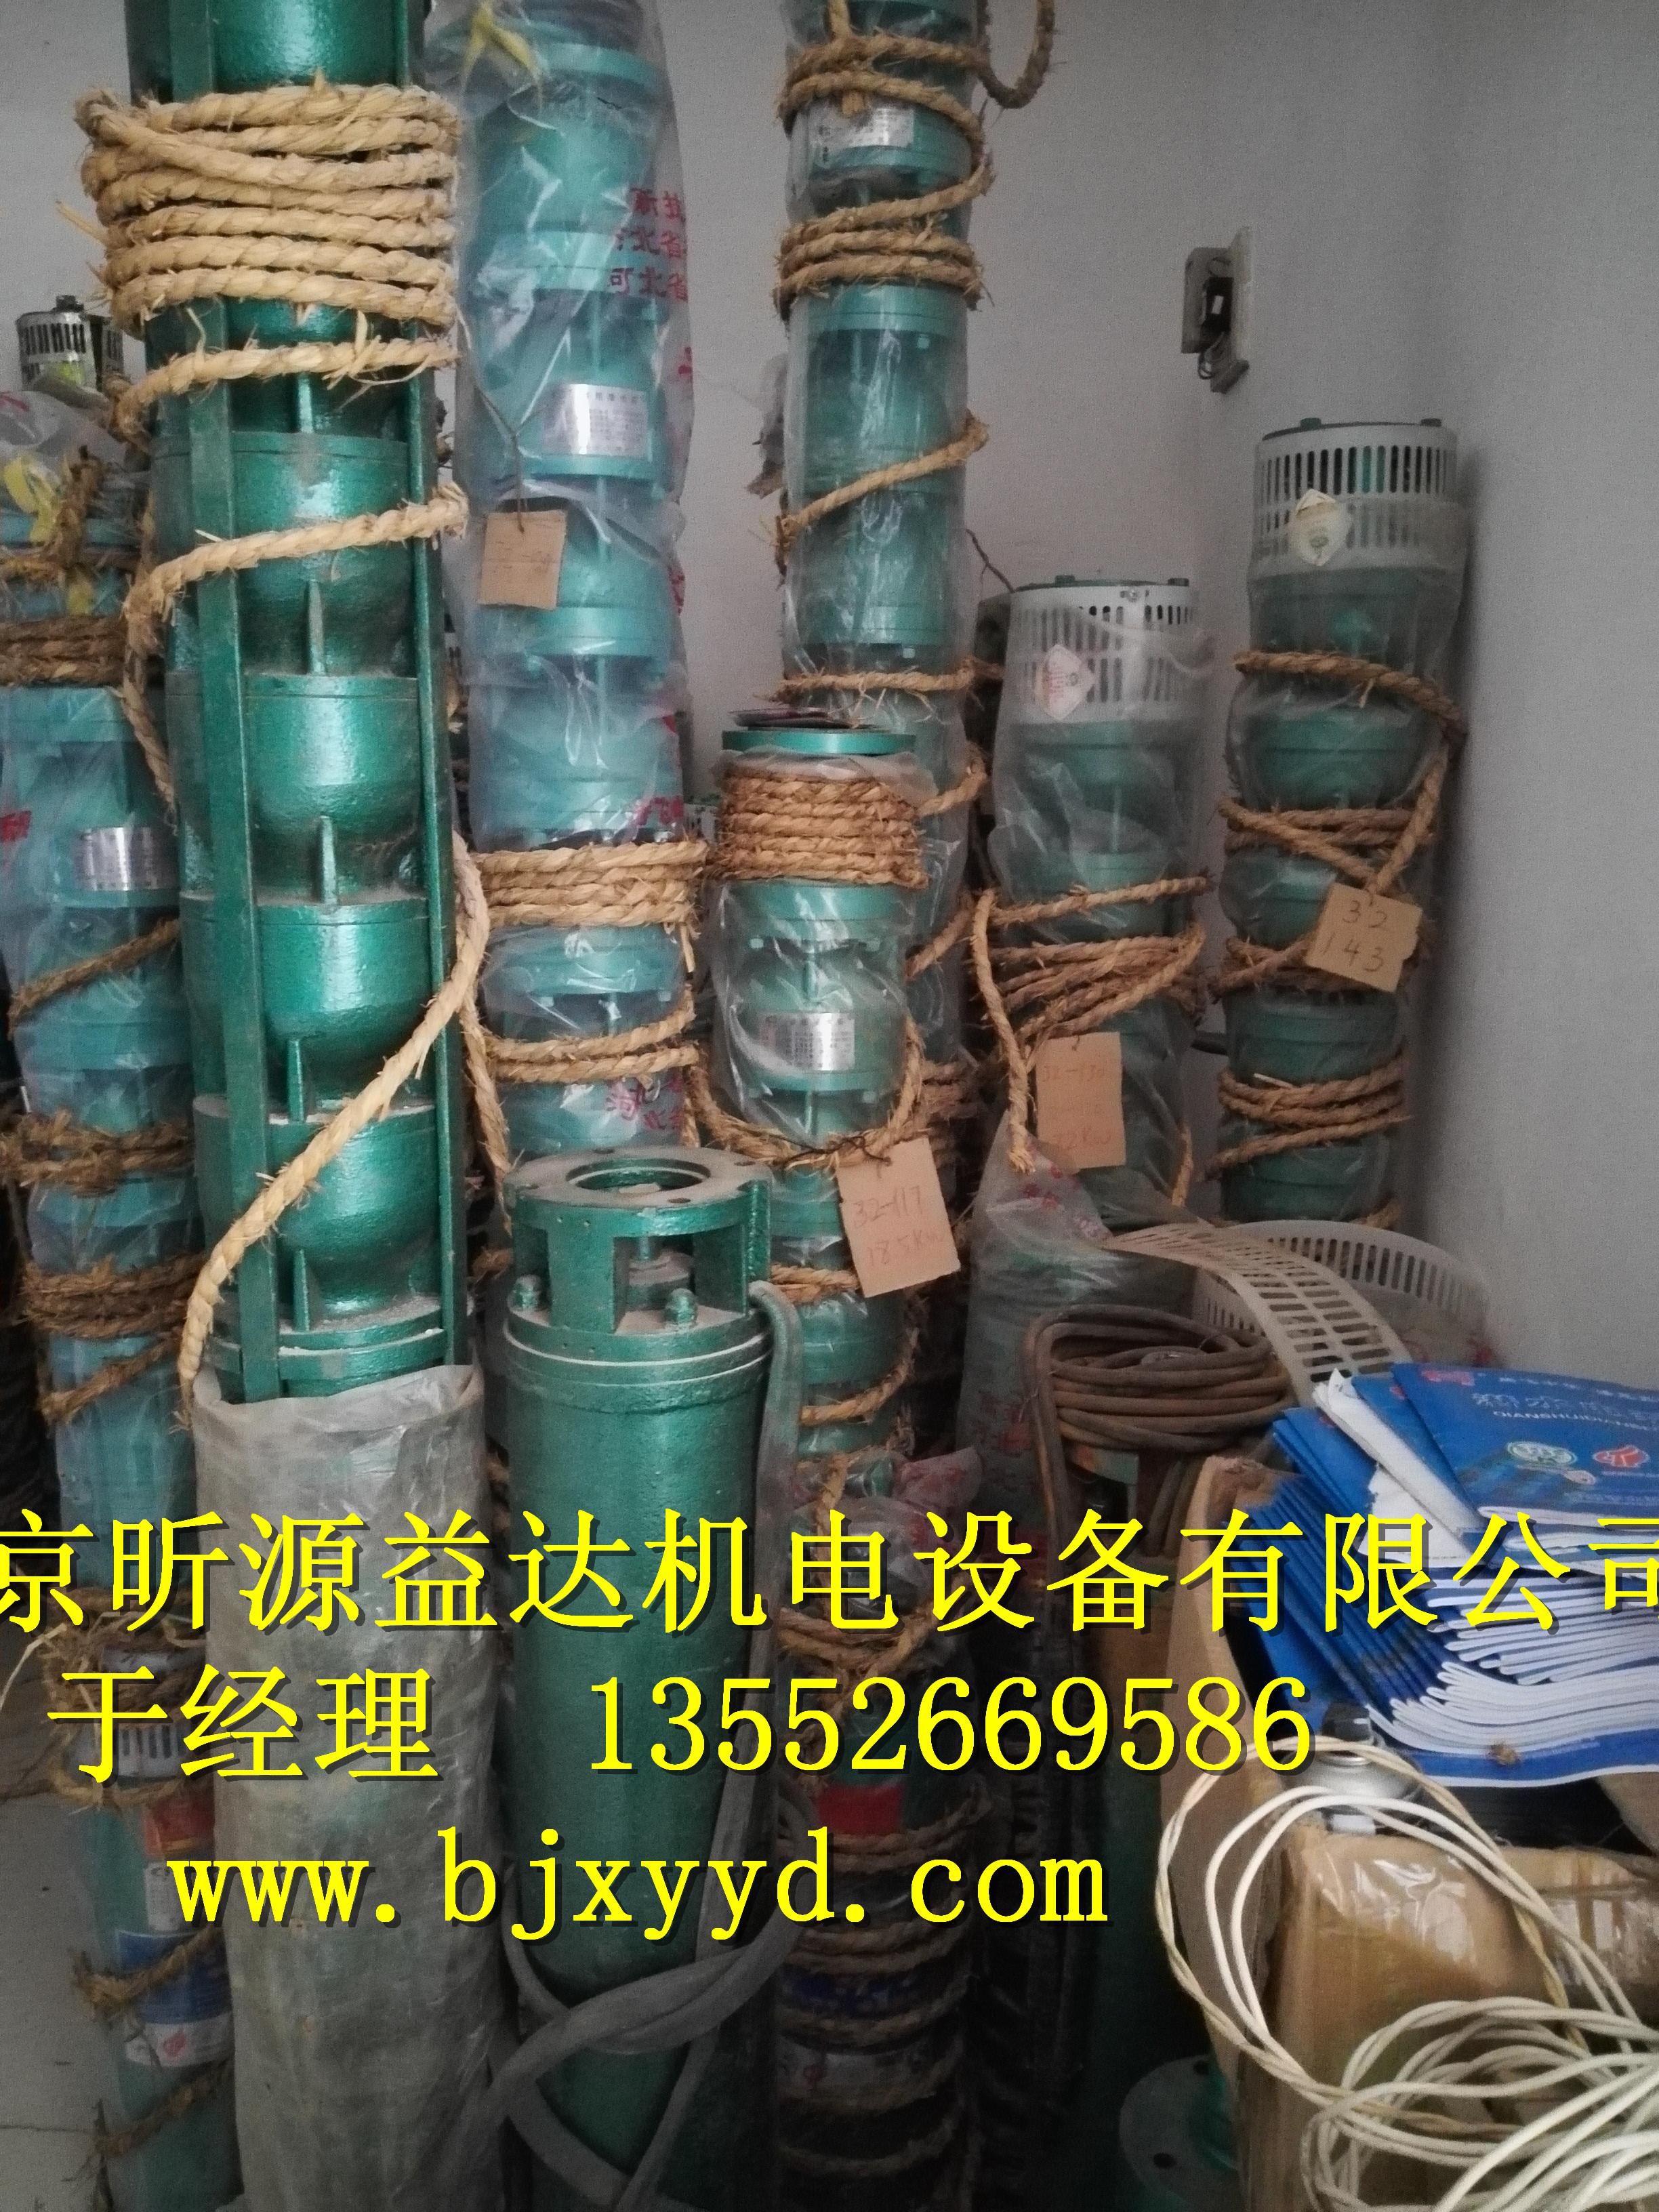 变频柜,配电柜,配电箱    销售:进口及国产各种水泵,电机,电焊机,发电